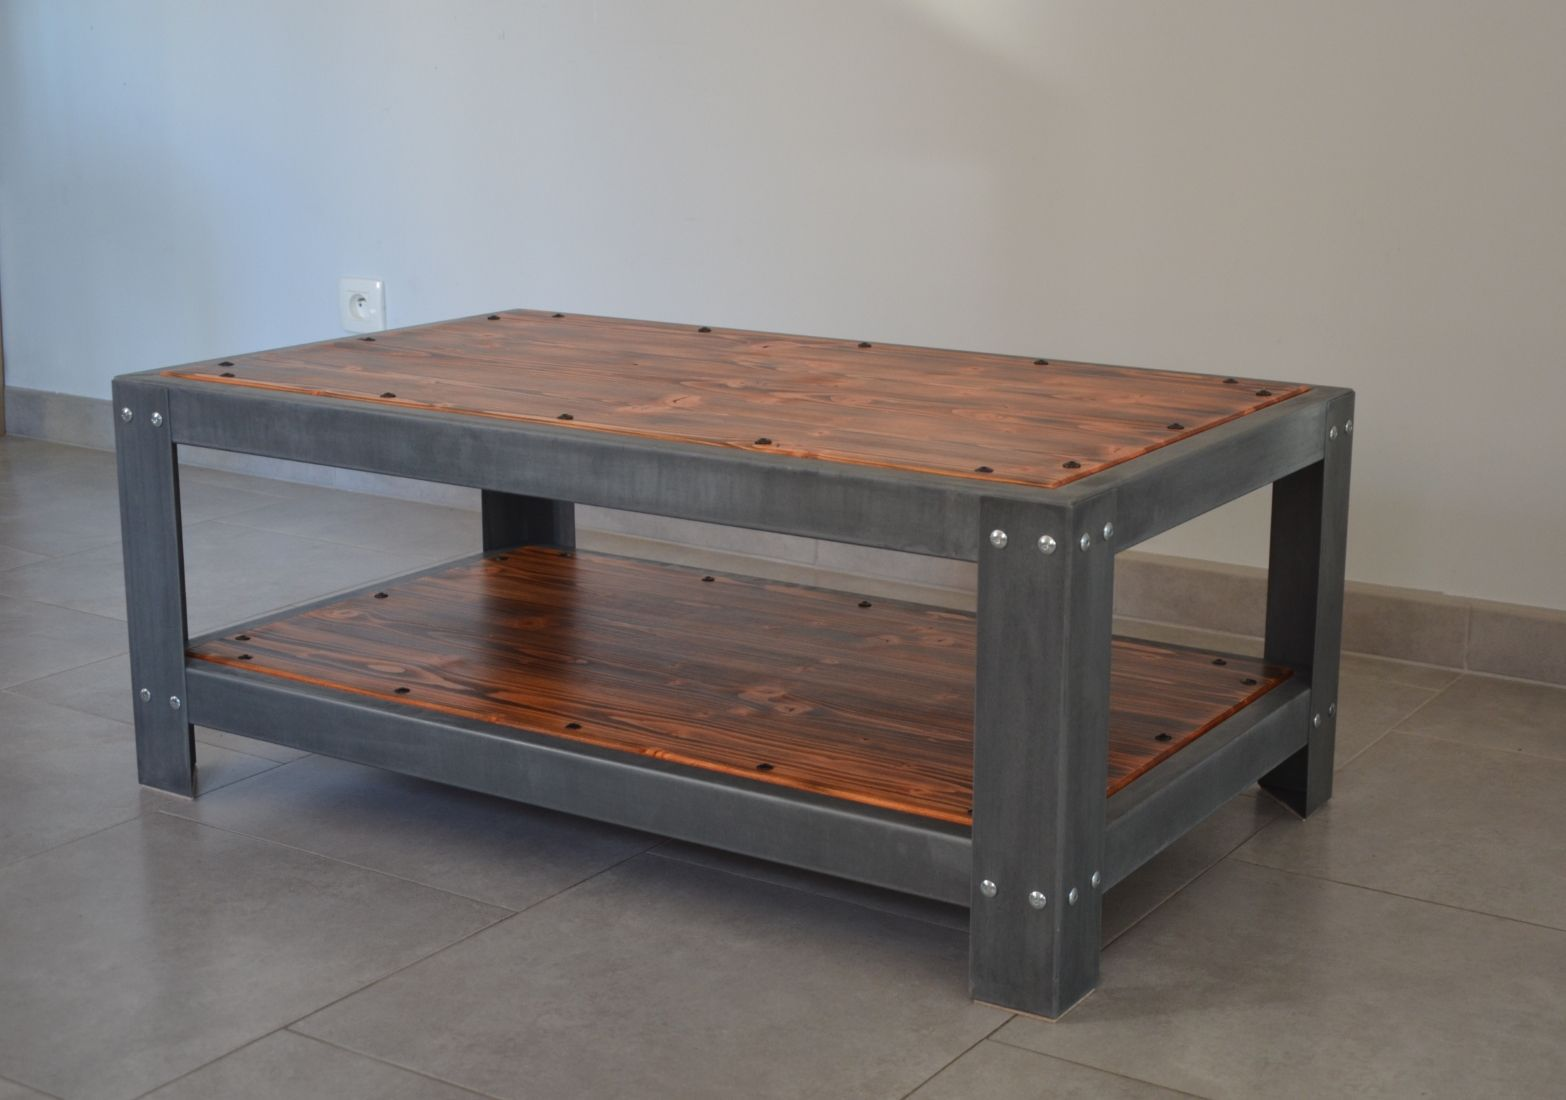 Tavolo Stile Industriale : Tavolino basso in stile industriale in pino in zinco